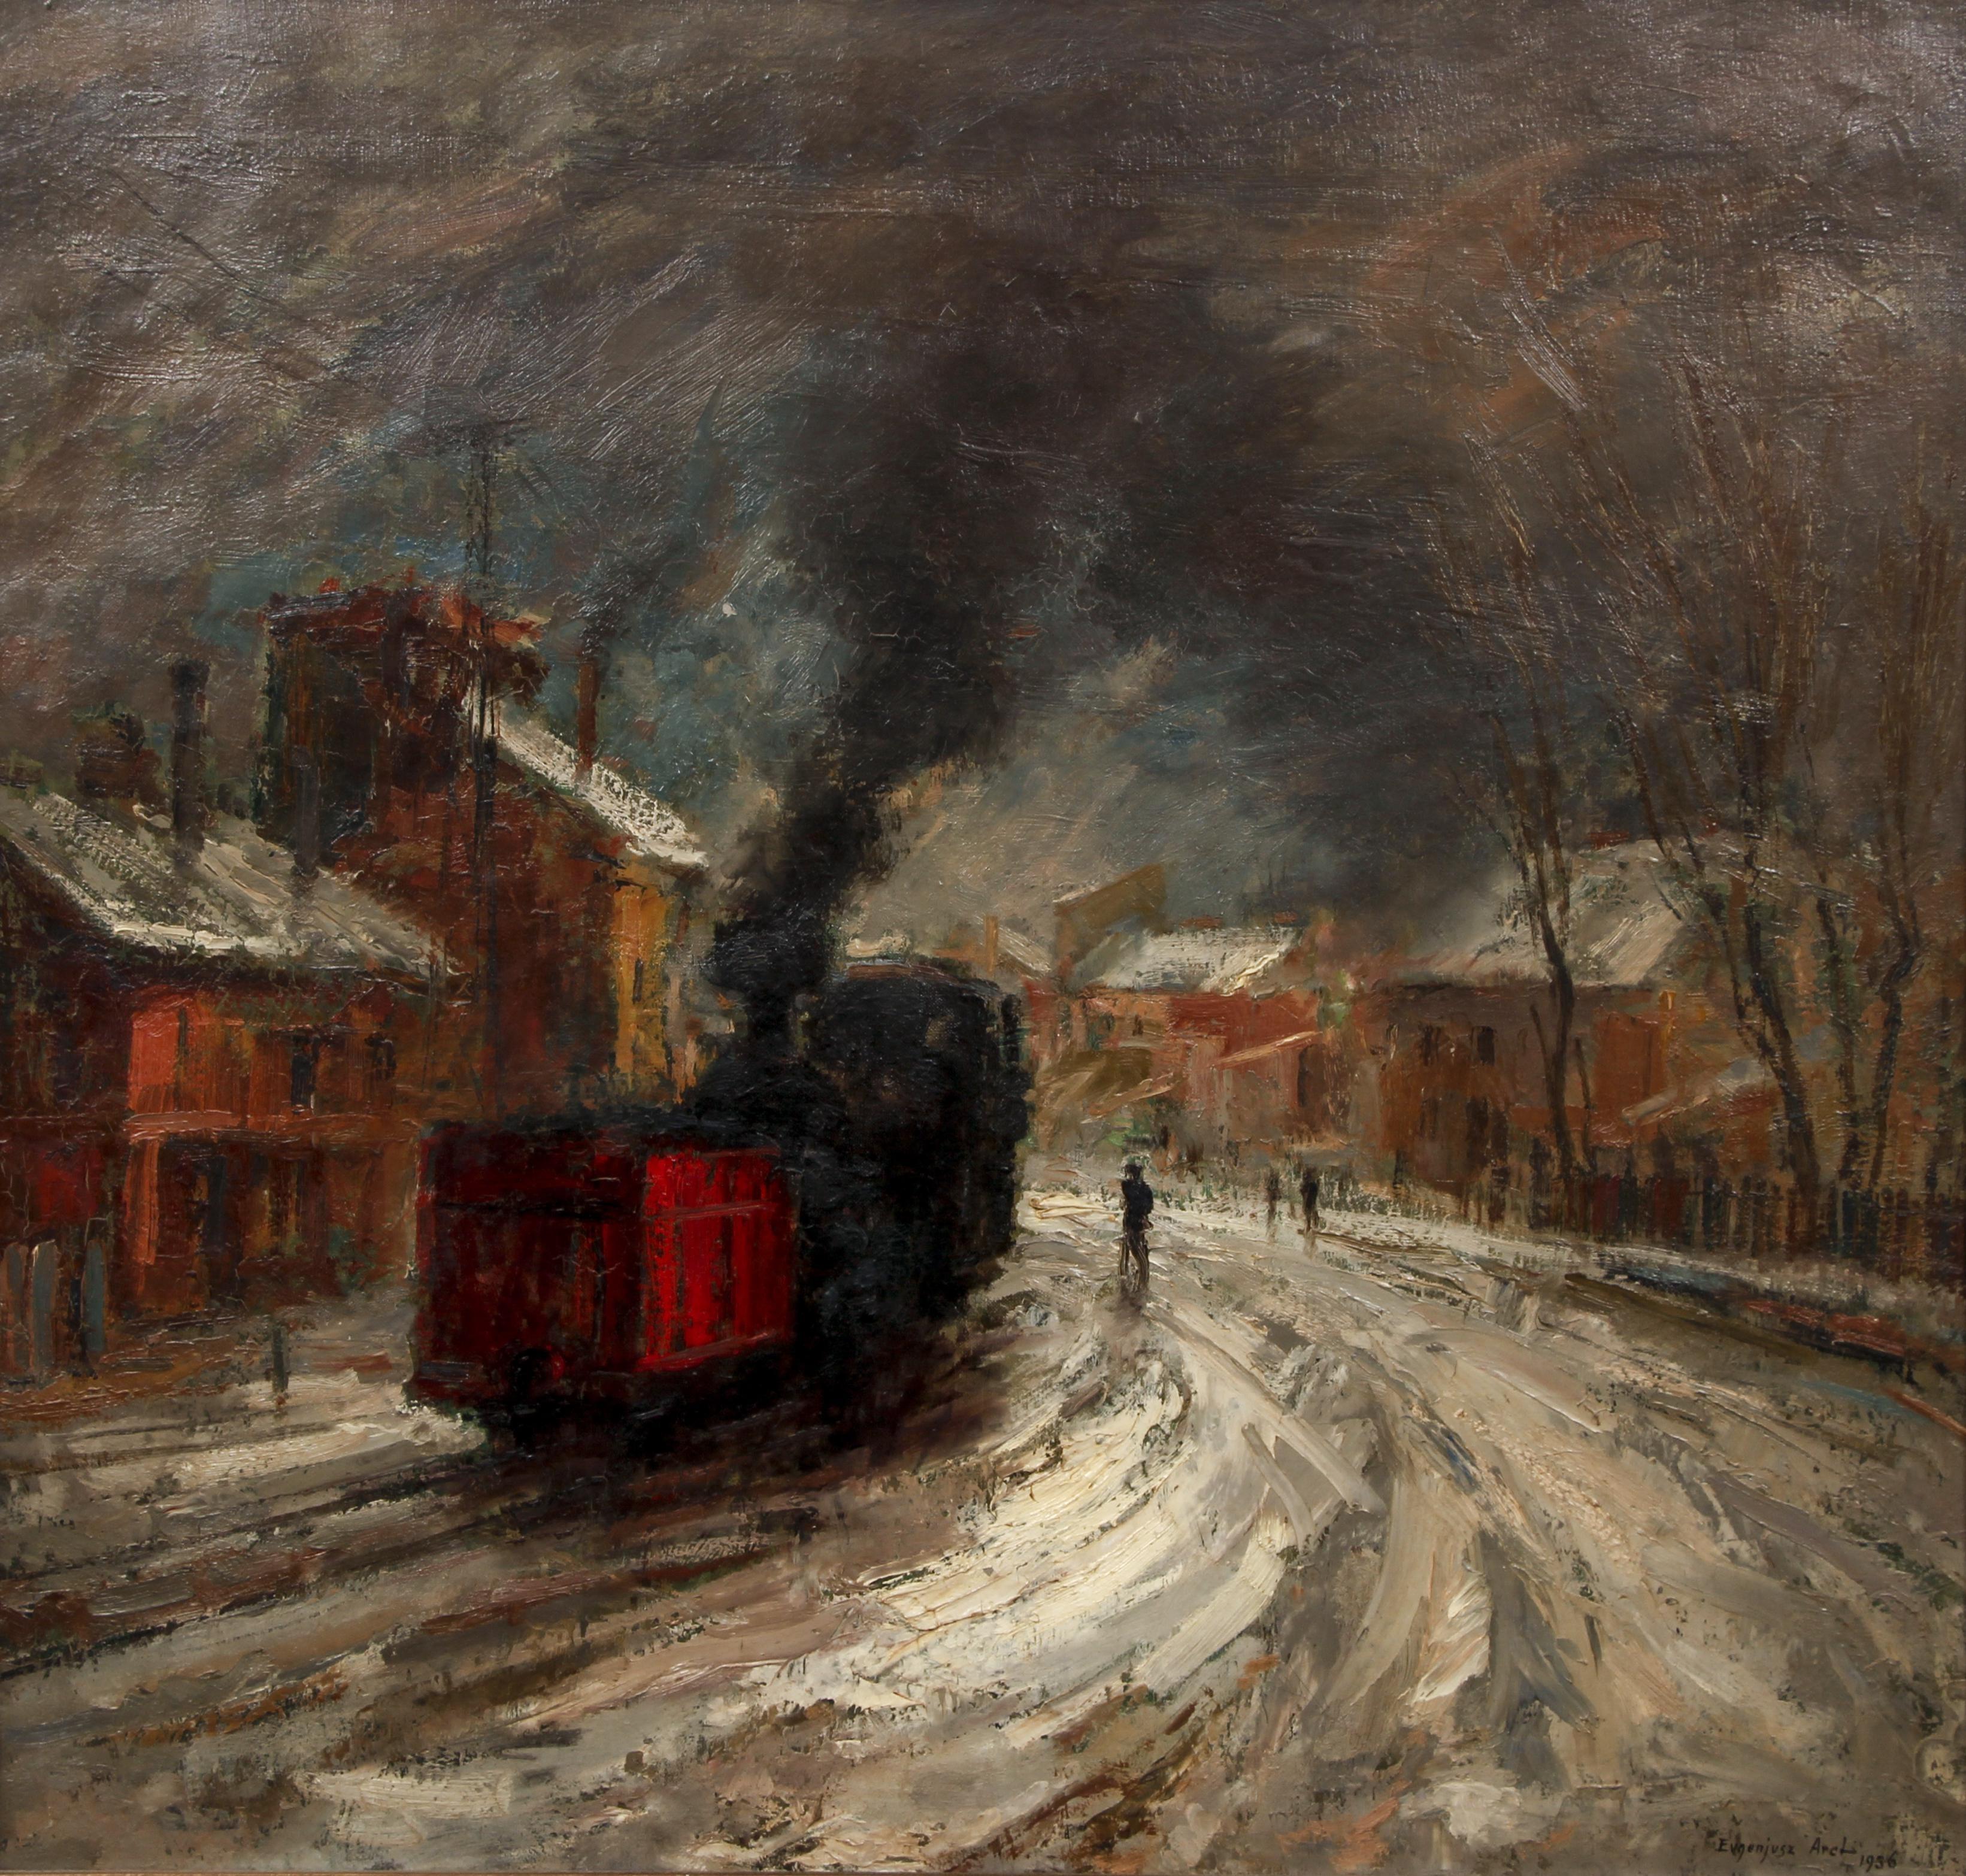 """Eugeniusz Arct (1899-1974) """"Pejzaż z lokomotywą i czerwonym wagonem"""" 1936 rok, źródło: Concept Art Gallery"""